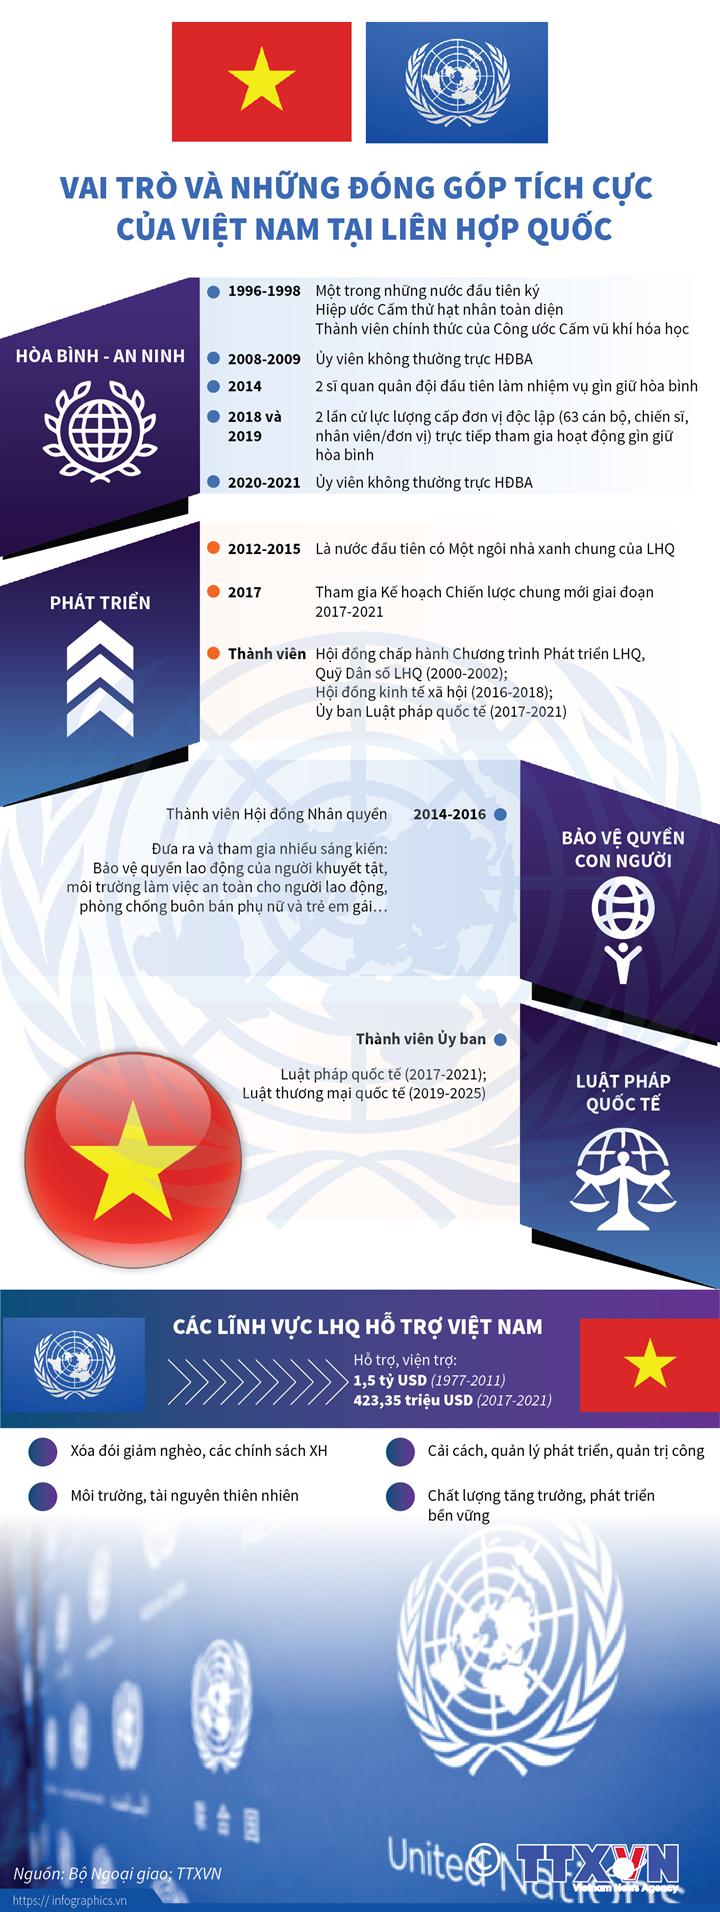 Vai trò và những đóng góp tích cực của Việt Nam tại Liên hợp quốc